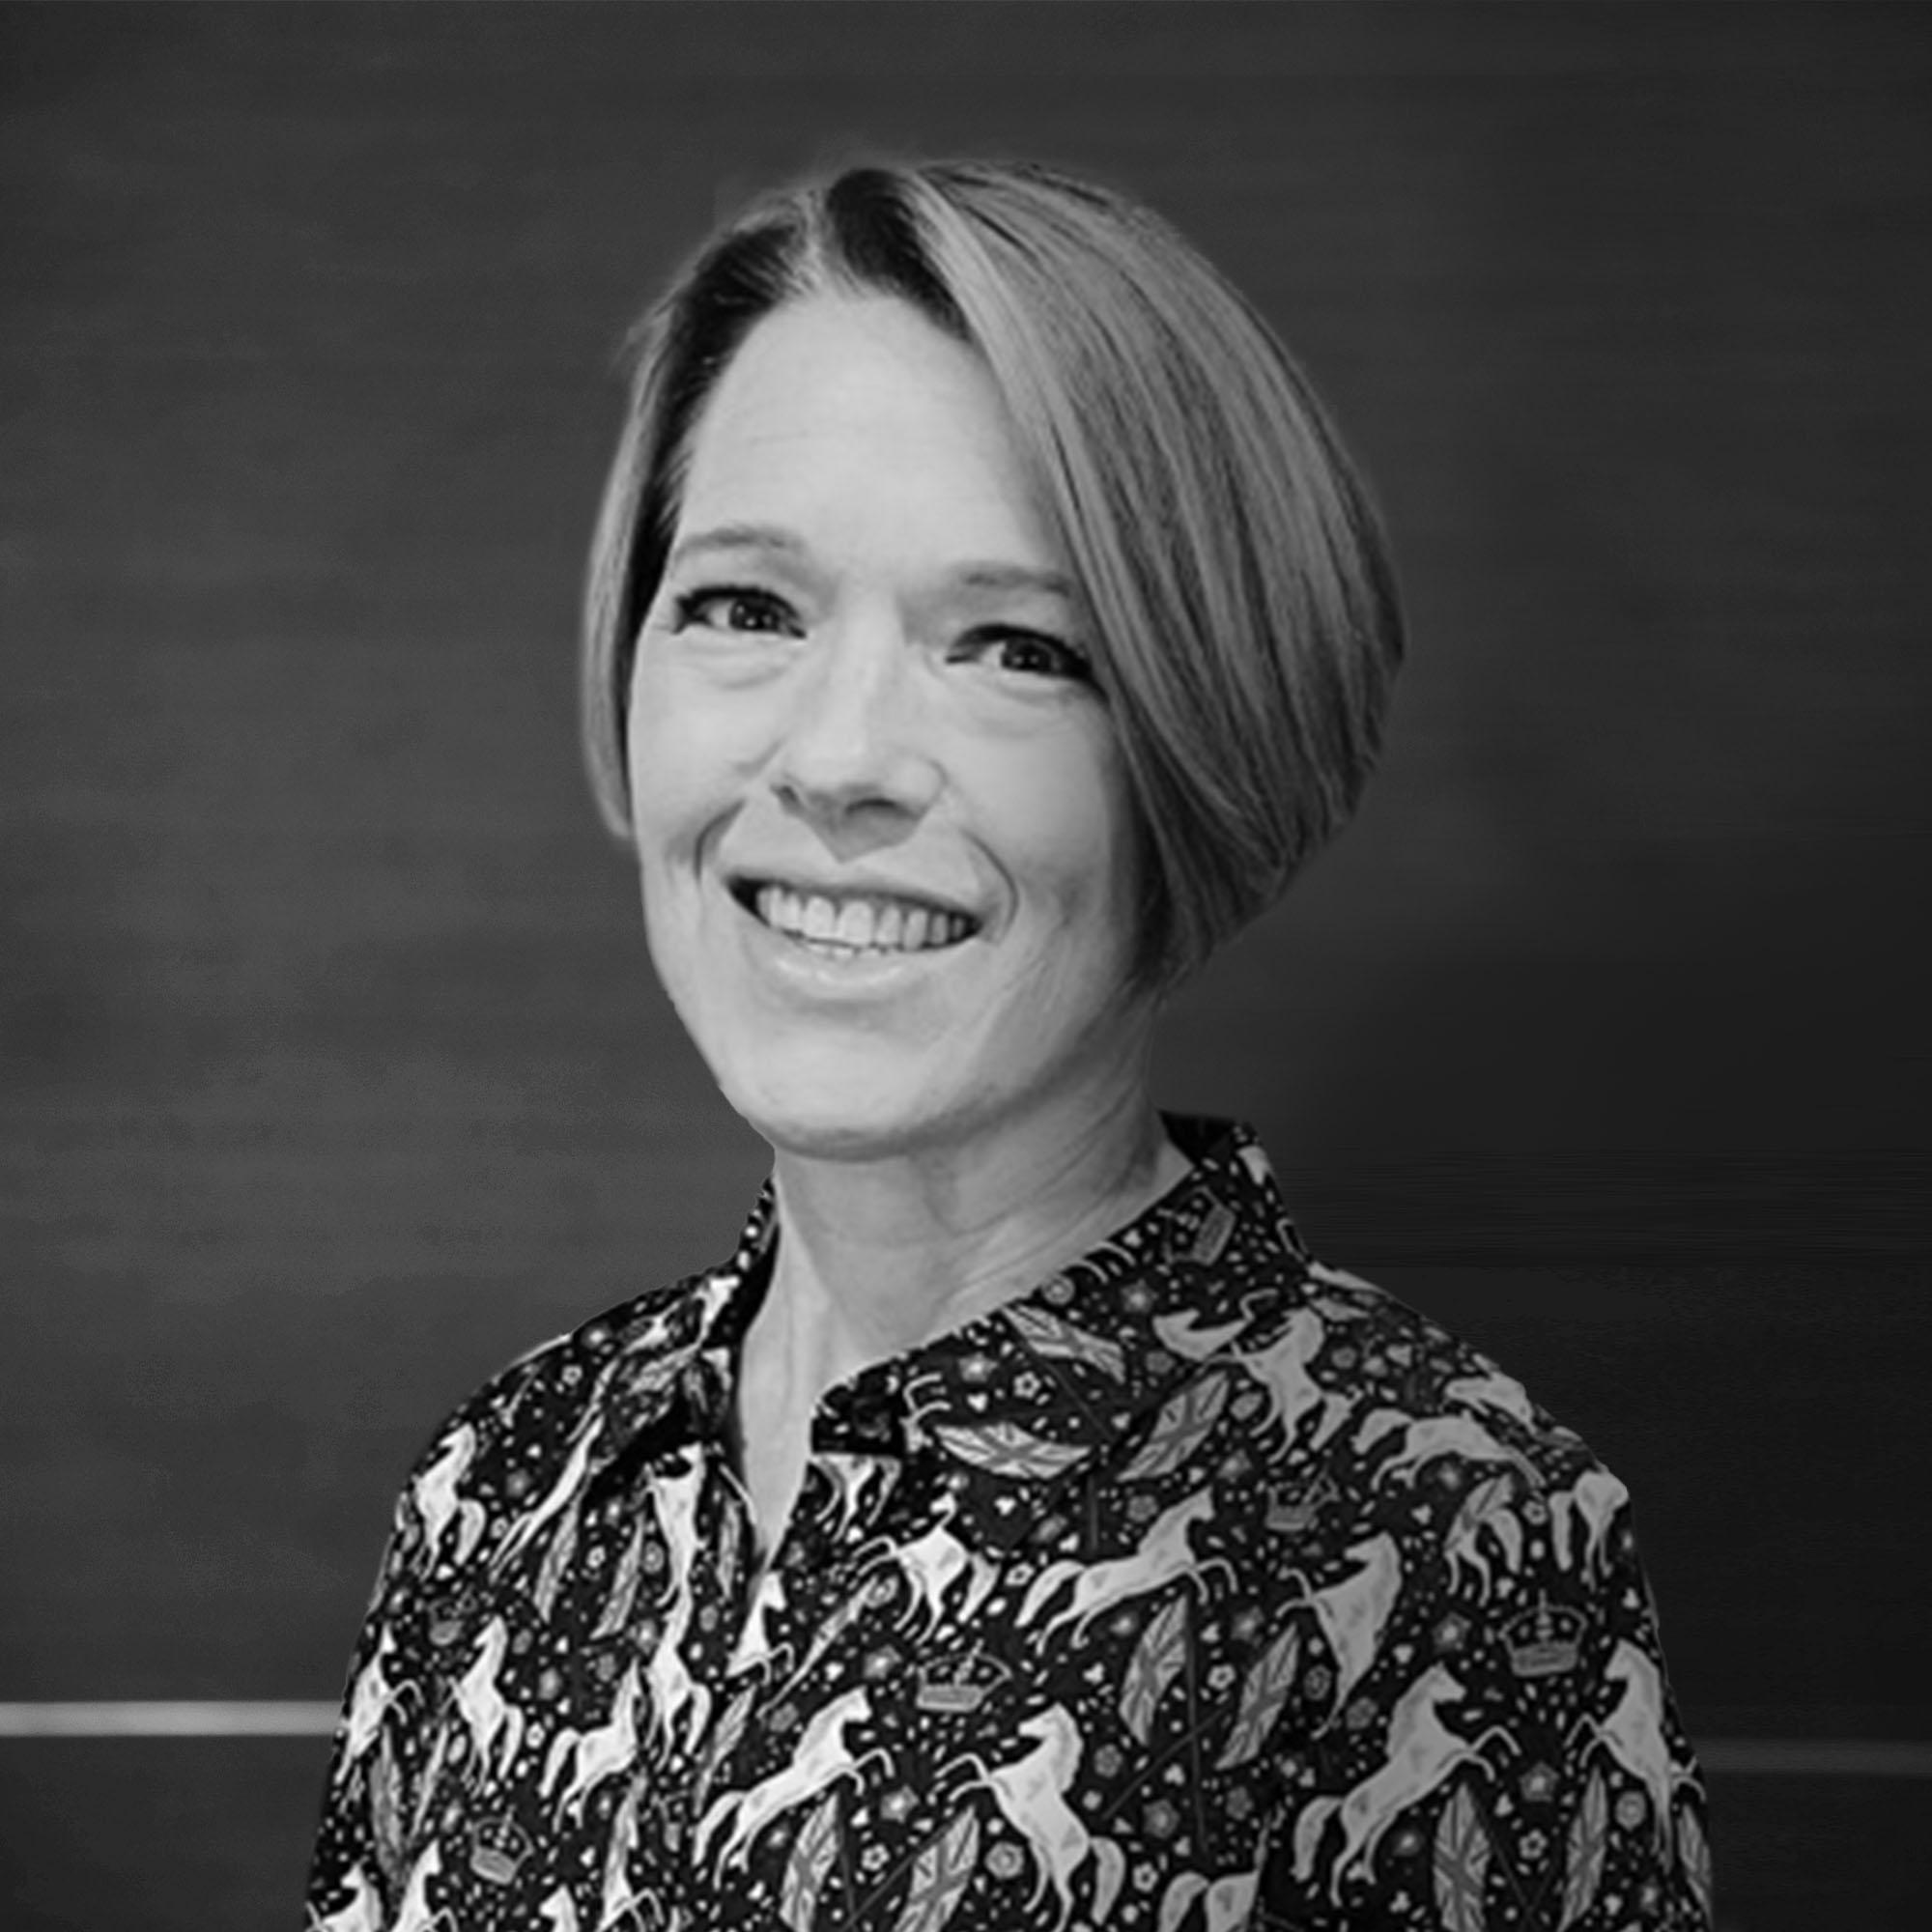 Heather Ward - Partnership Manager